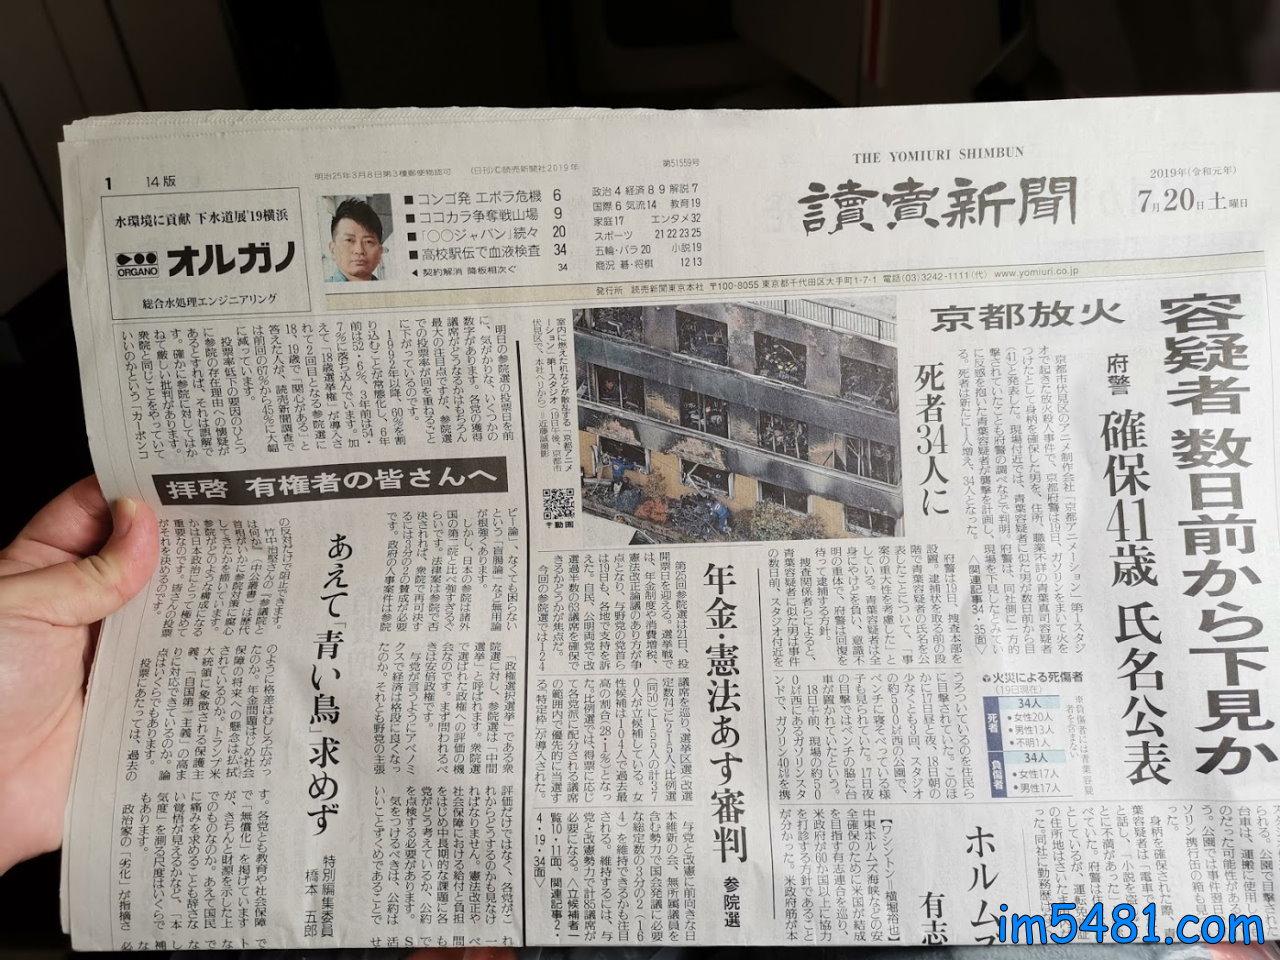 日本讀賣新聞於2019.07.20的頭版: 京都アニメーション放火殺人事件